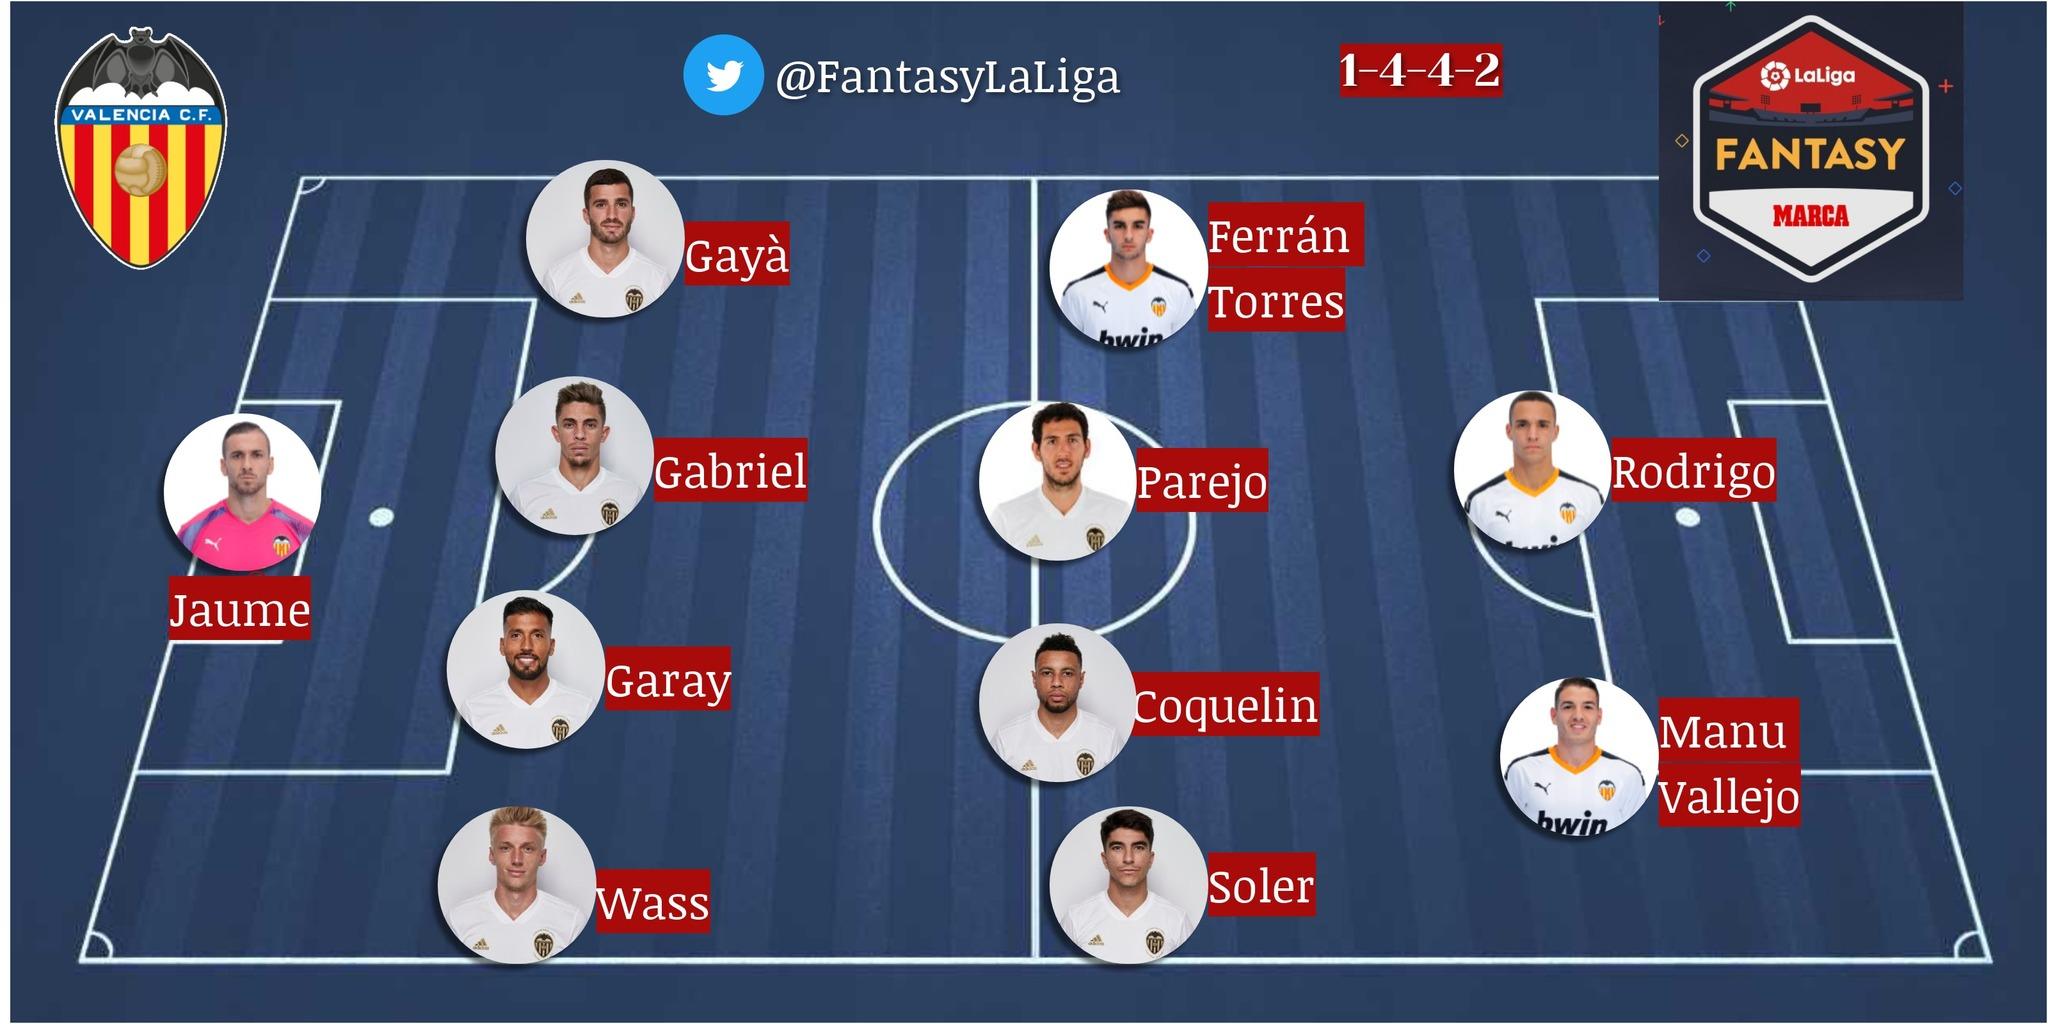 Валенсия - Реал. Прогноз на матч чемпионата Испании - изображение 2